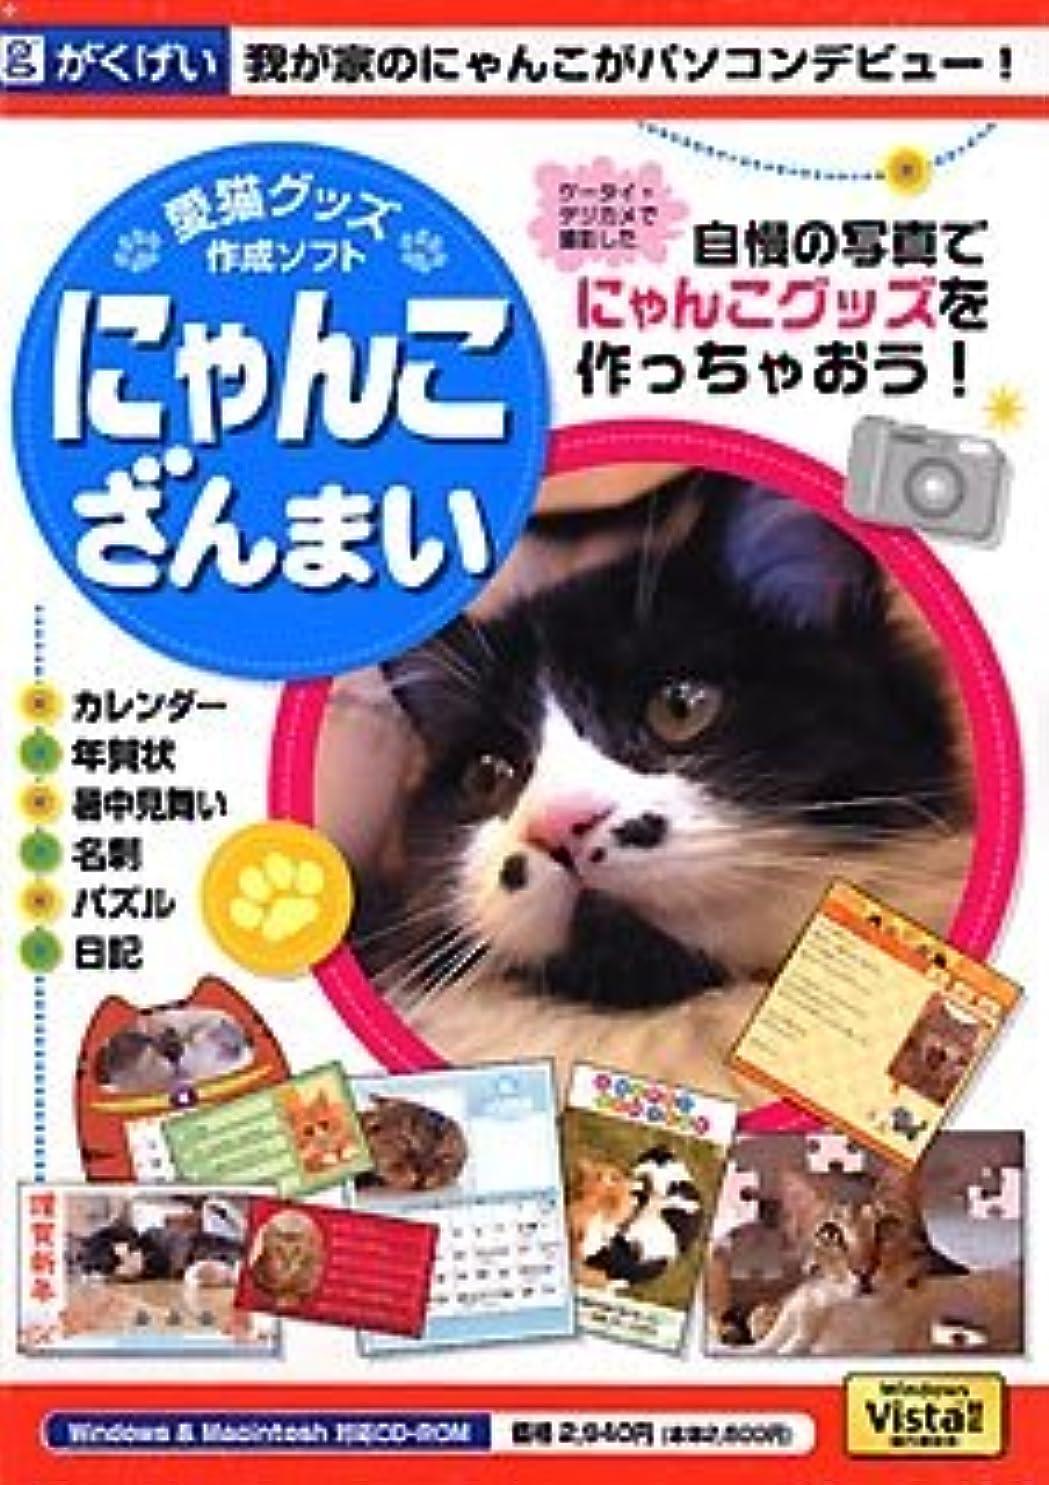 橋脚クリエイティブ保有者愛猫グッズ作成ソフト にゃんこざんまい